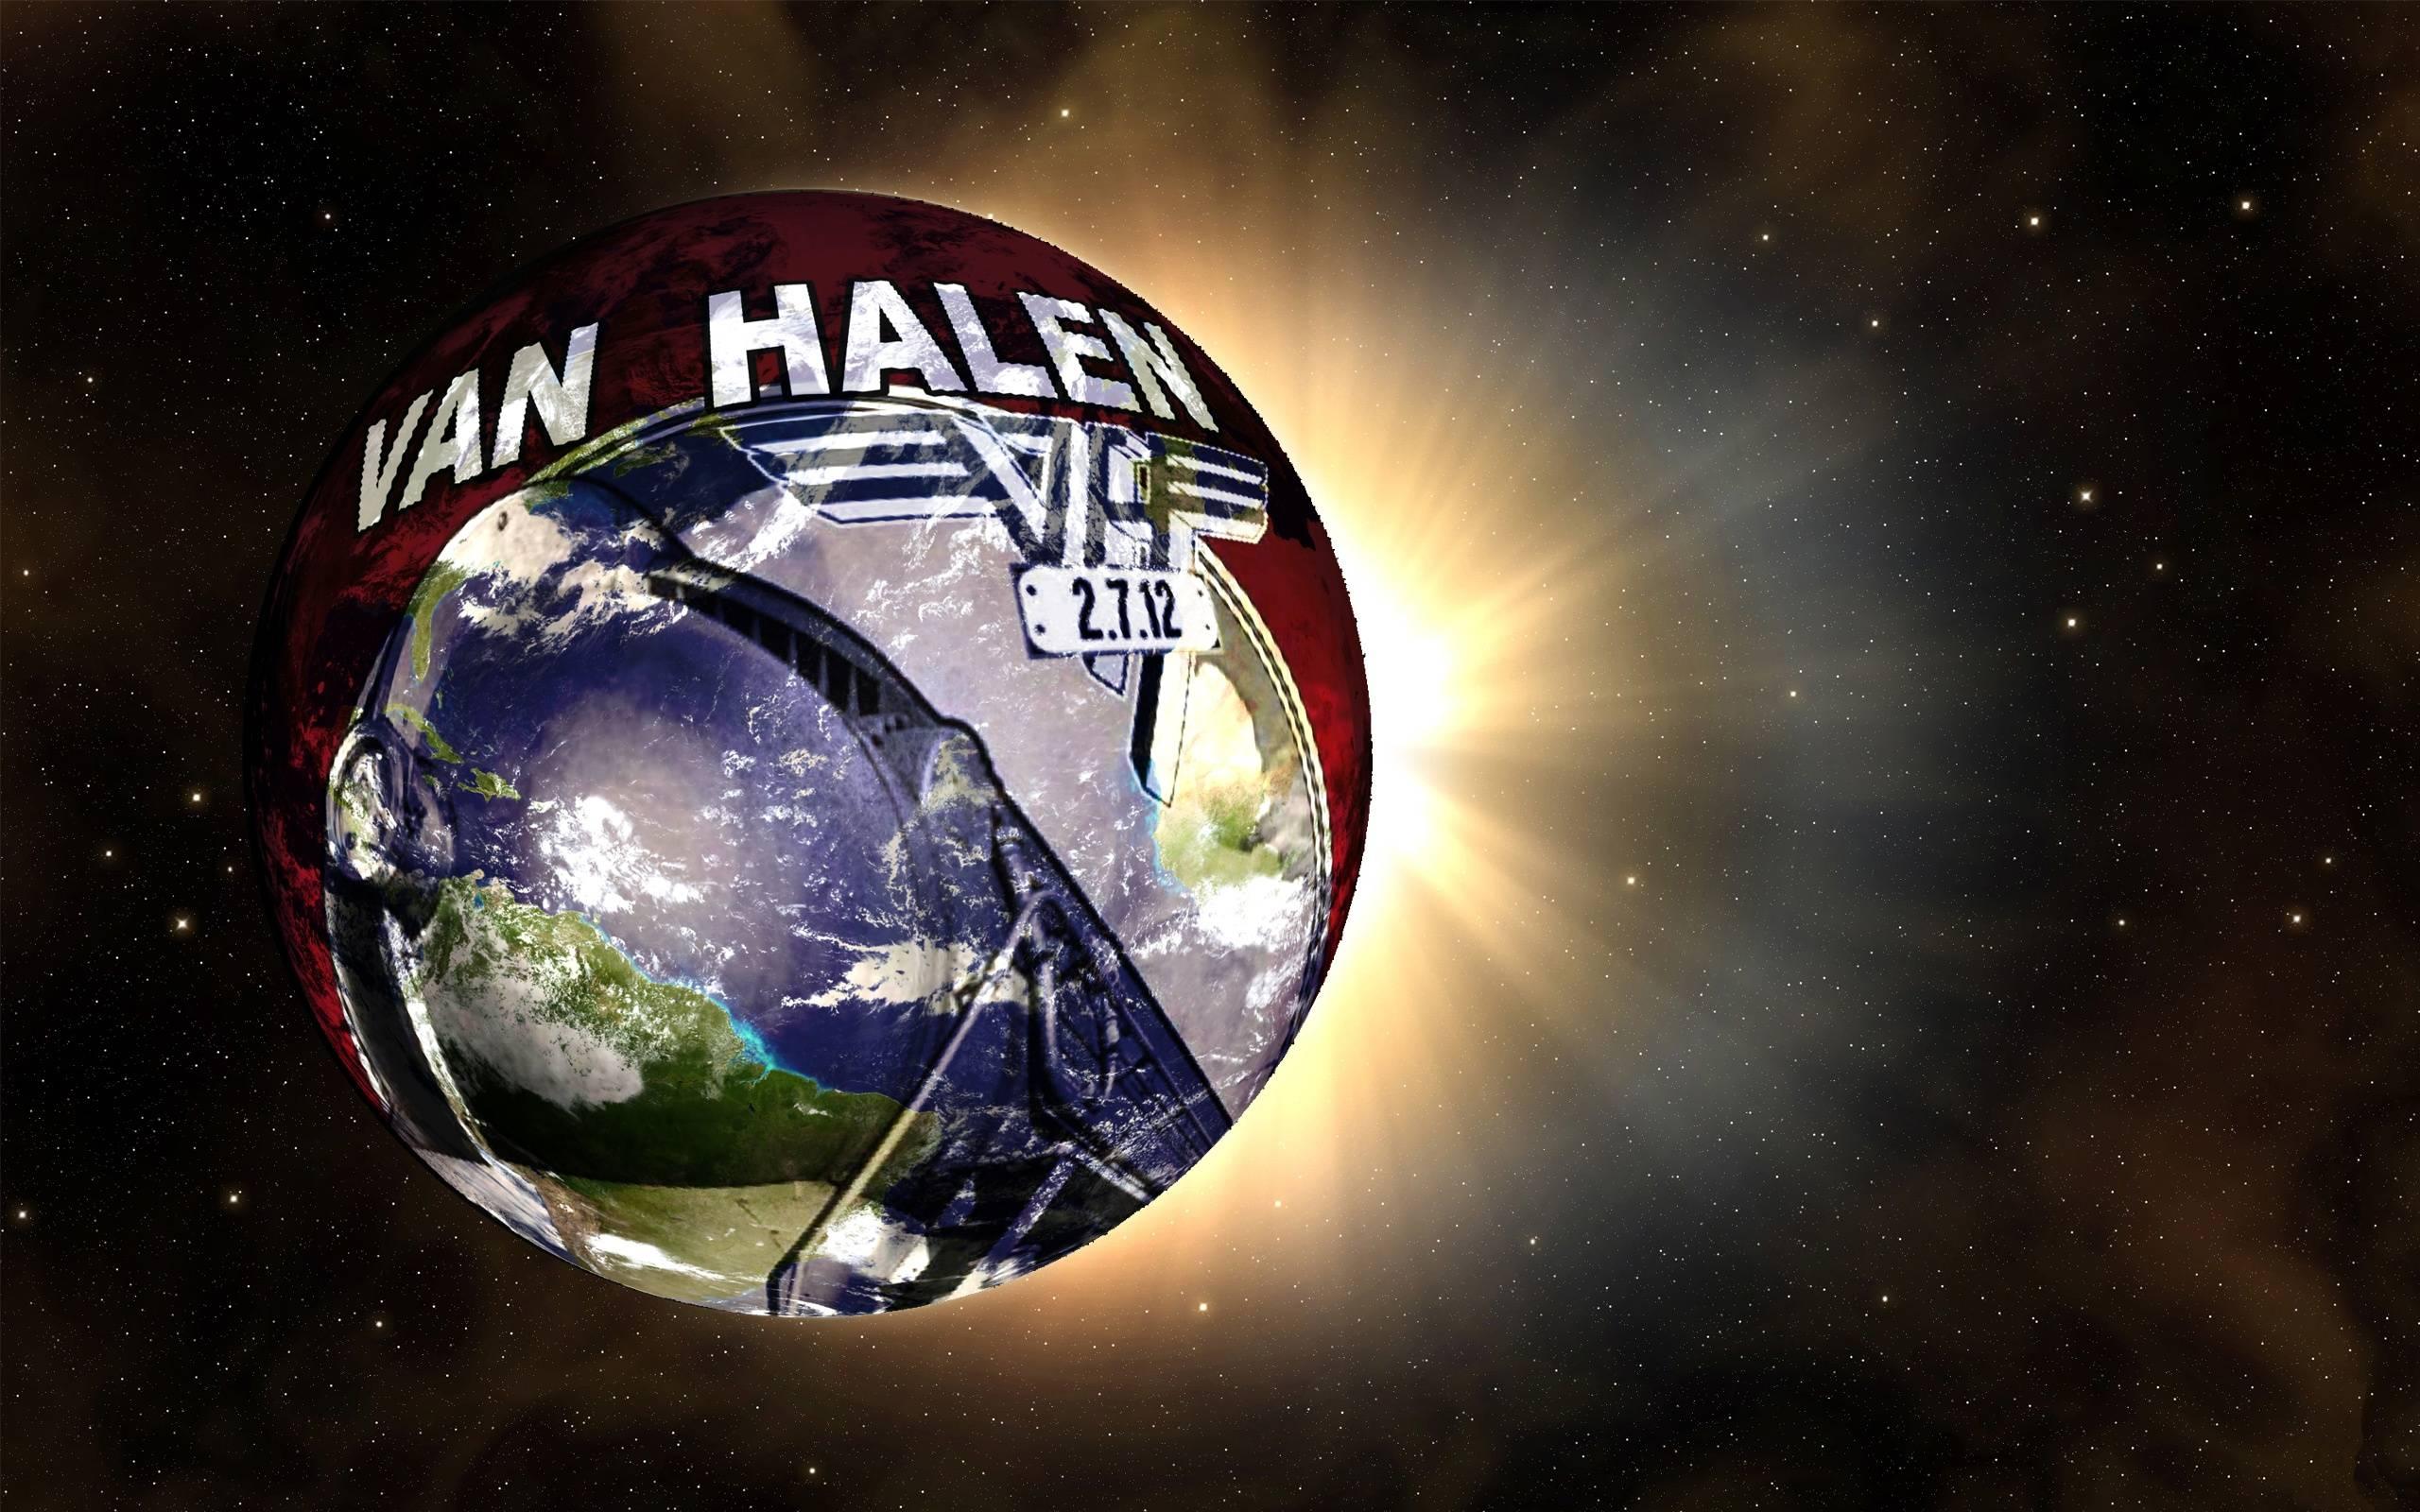 Van Halen Backgrounds 2560x1600